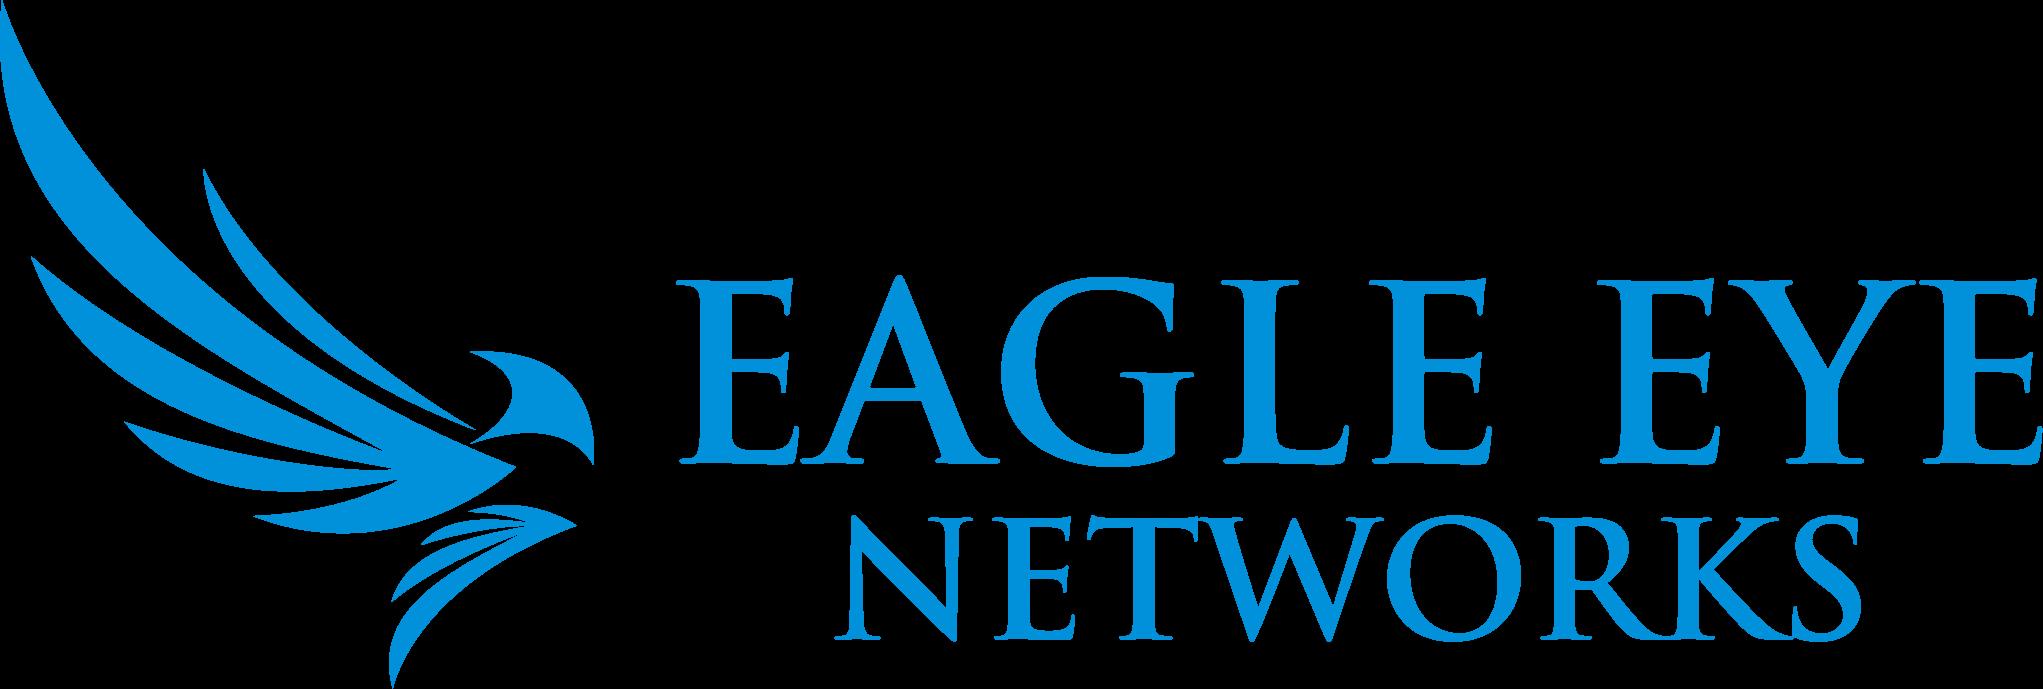 Eagle Eye Networks Company Logo